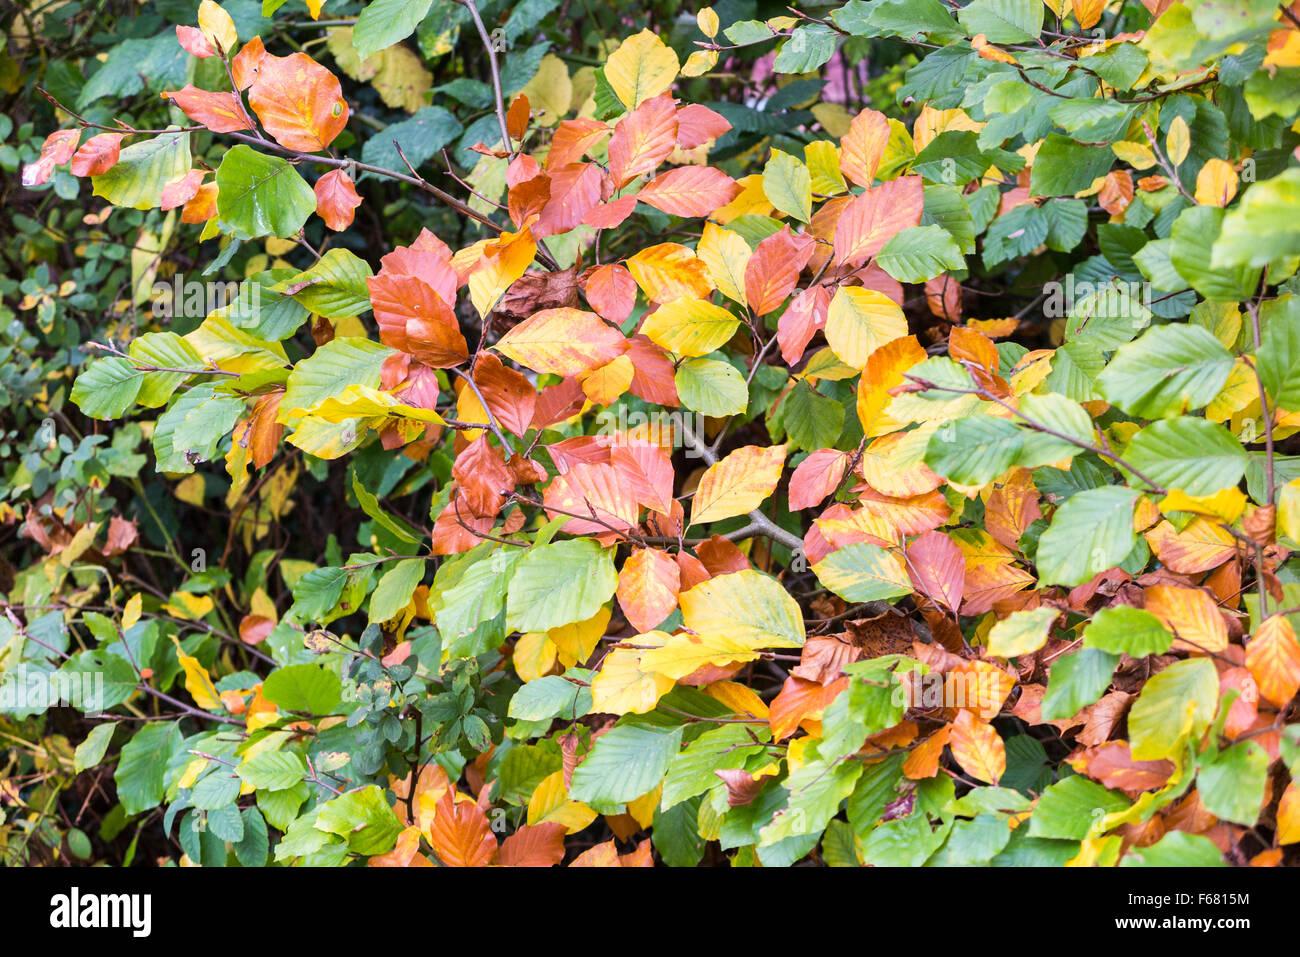 European Beech Fagus Sylvatica Stock Photos & European Beech Fagus ...